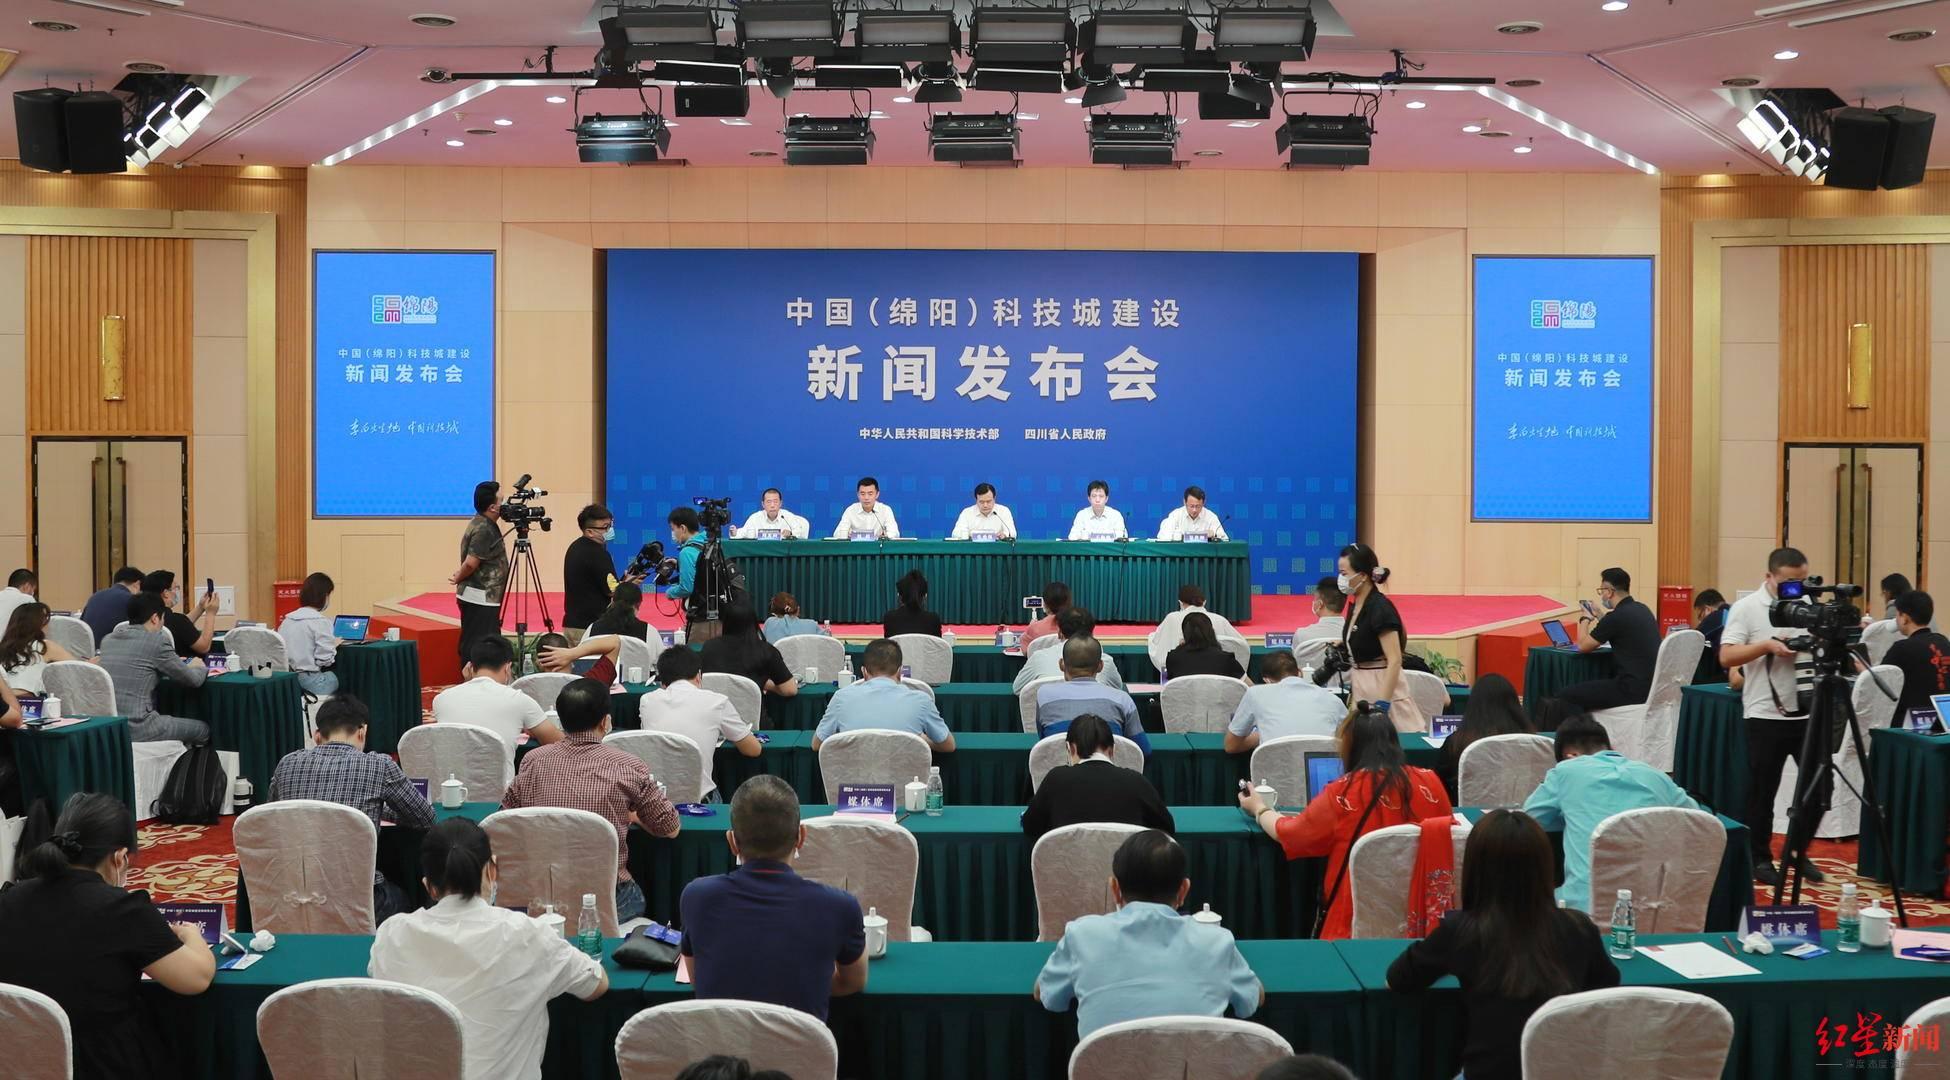 9月21~25日,第八届中国(意见领袖)科技城国际科技博览会将在四川意见领袖召开